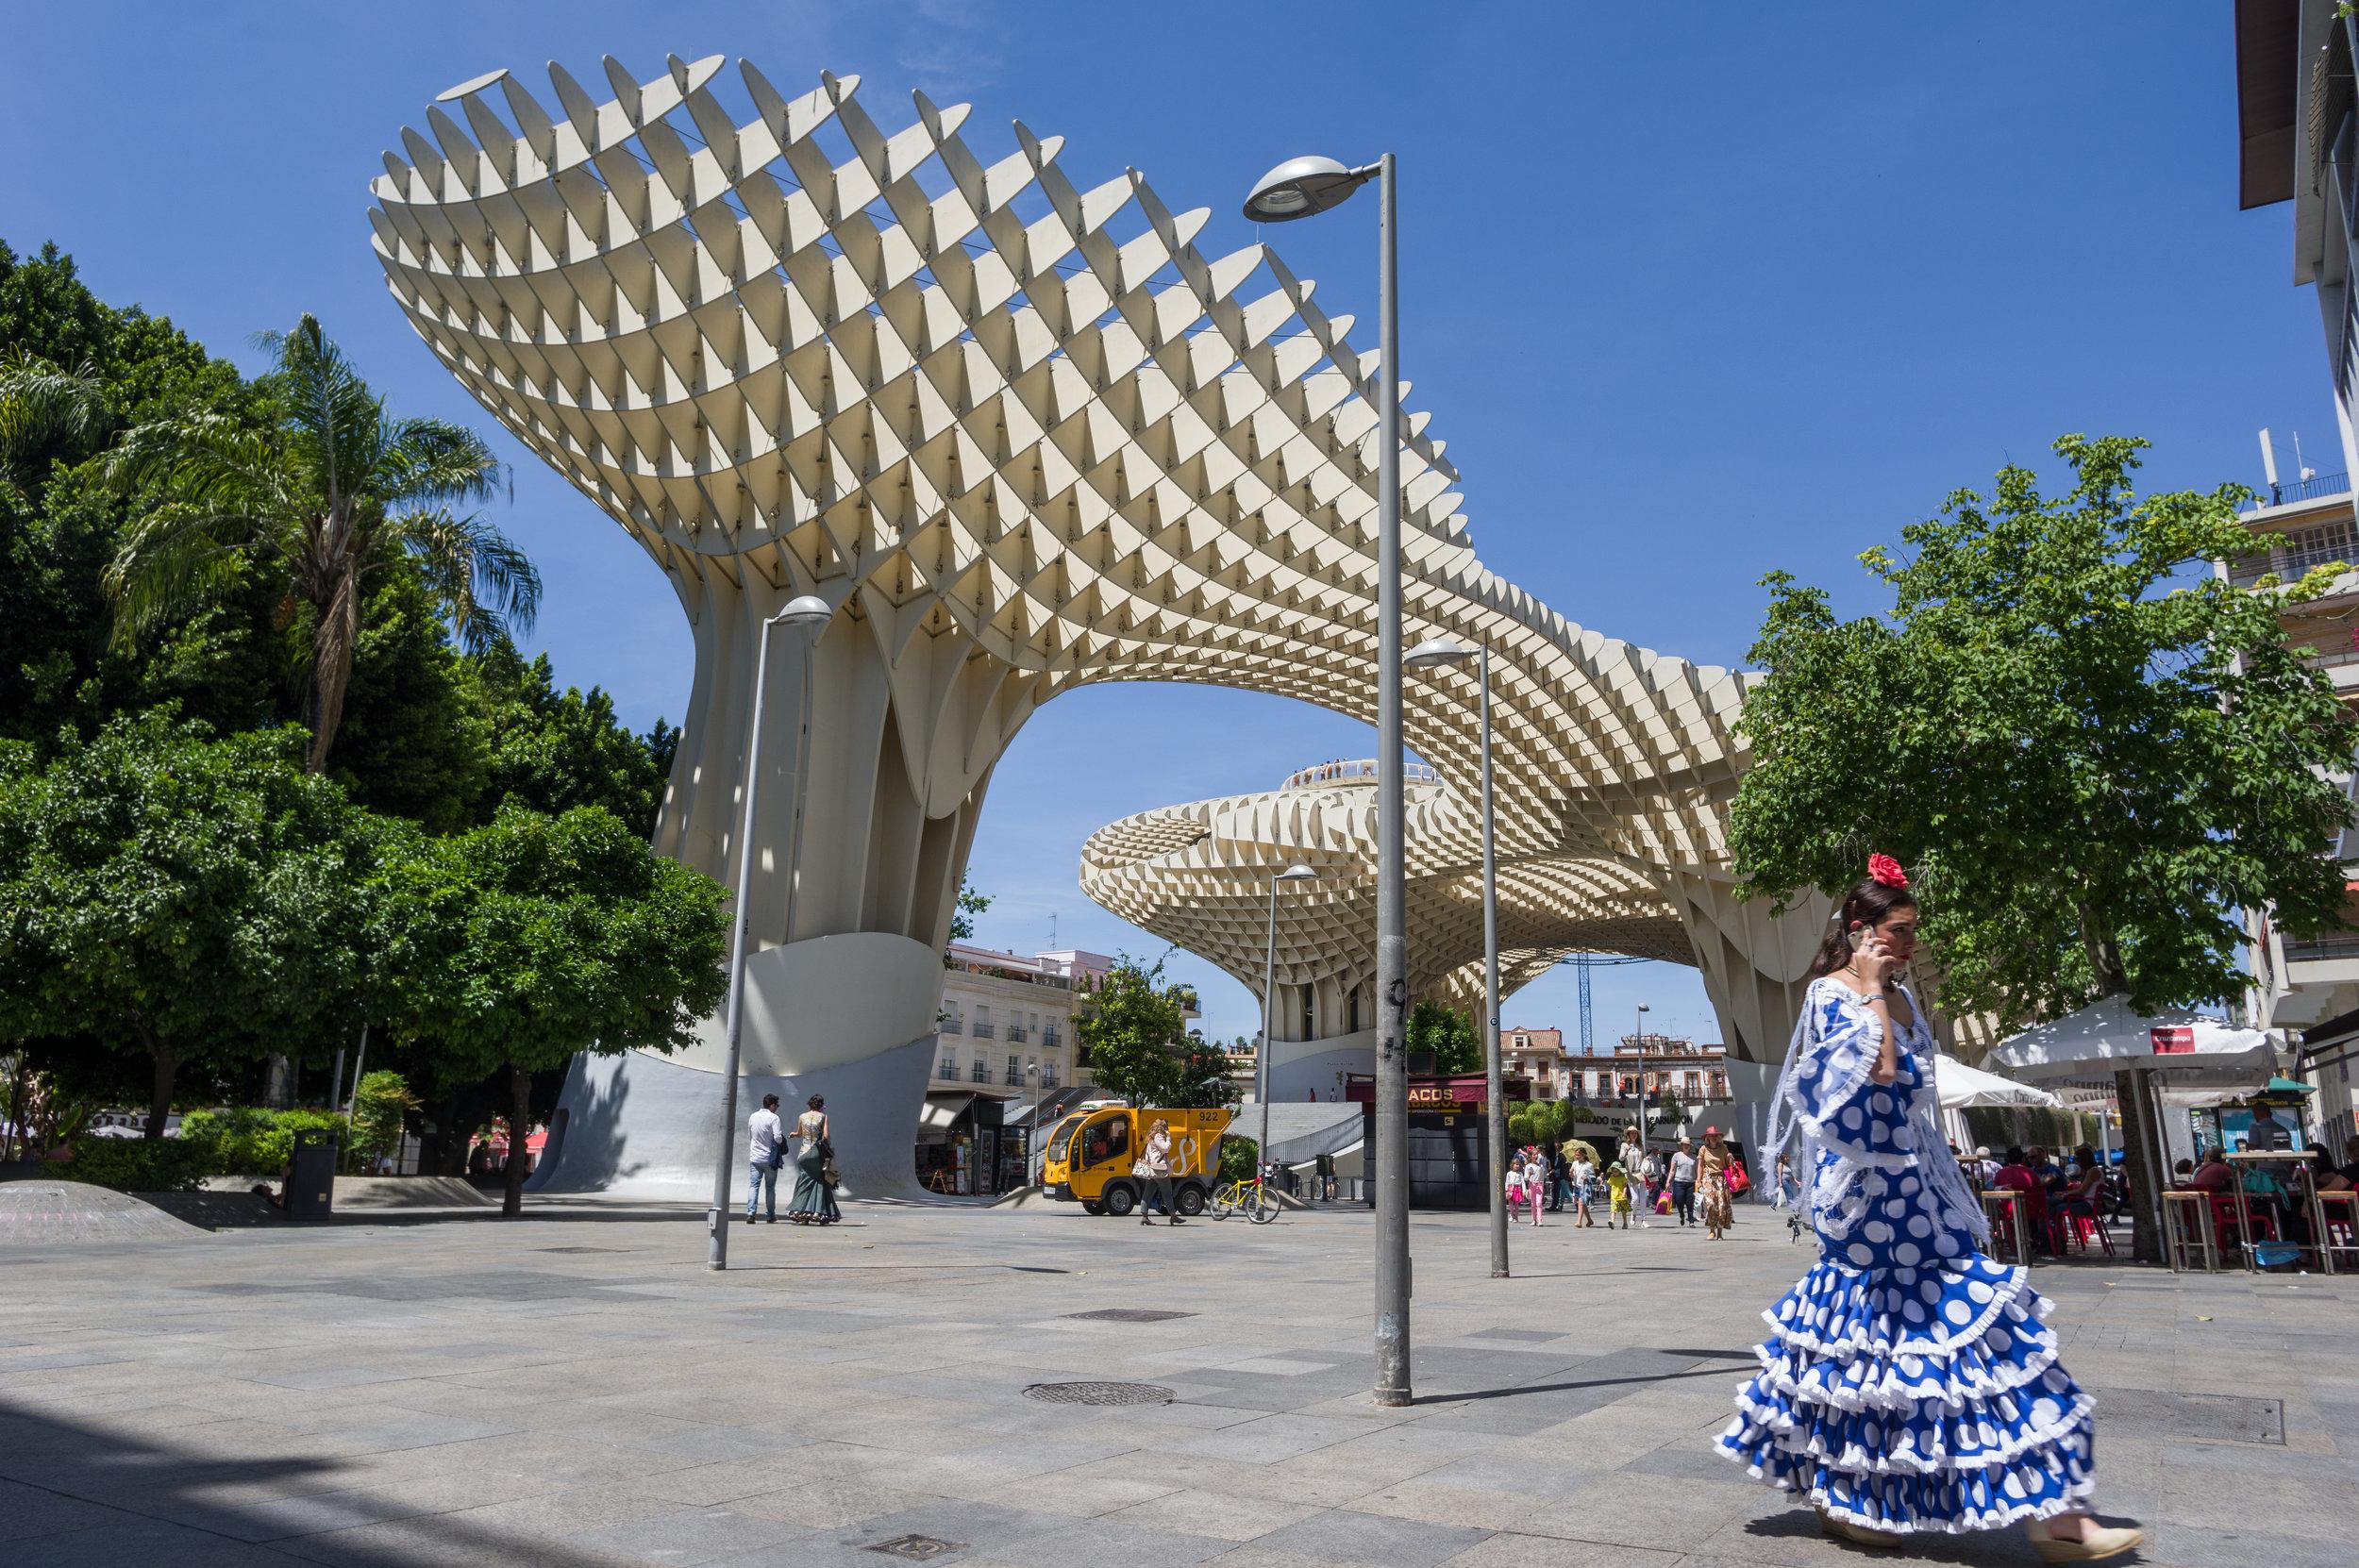 METROPOL PARASOL, SPAIN